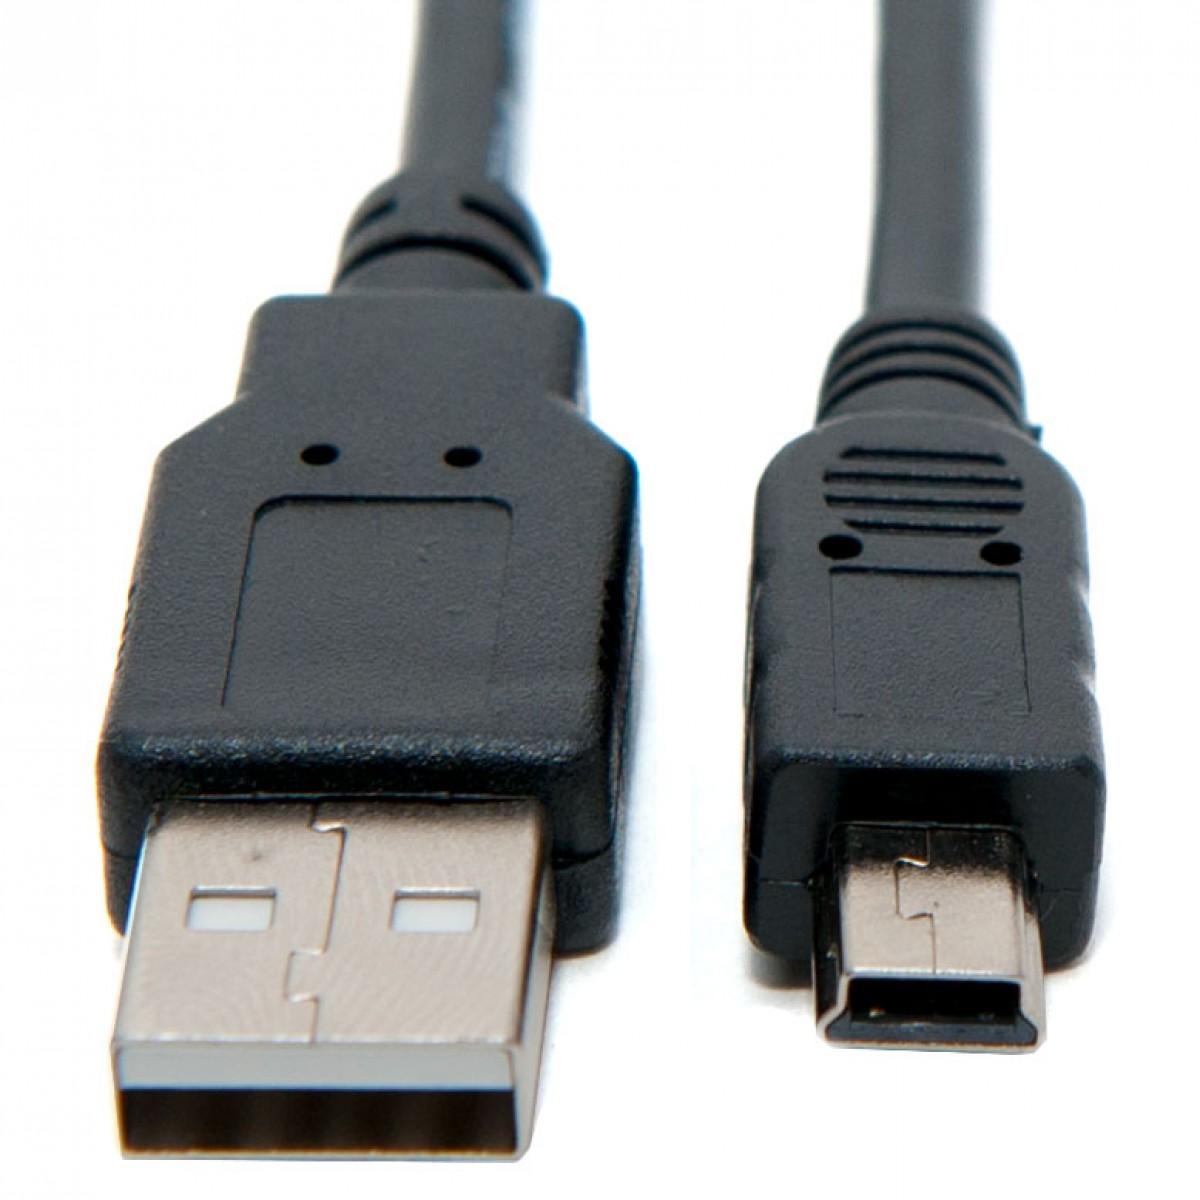 Canon IXUS 160 Camera USB Cable  Keplecom